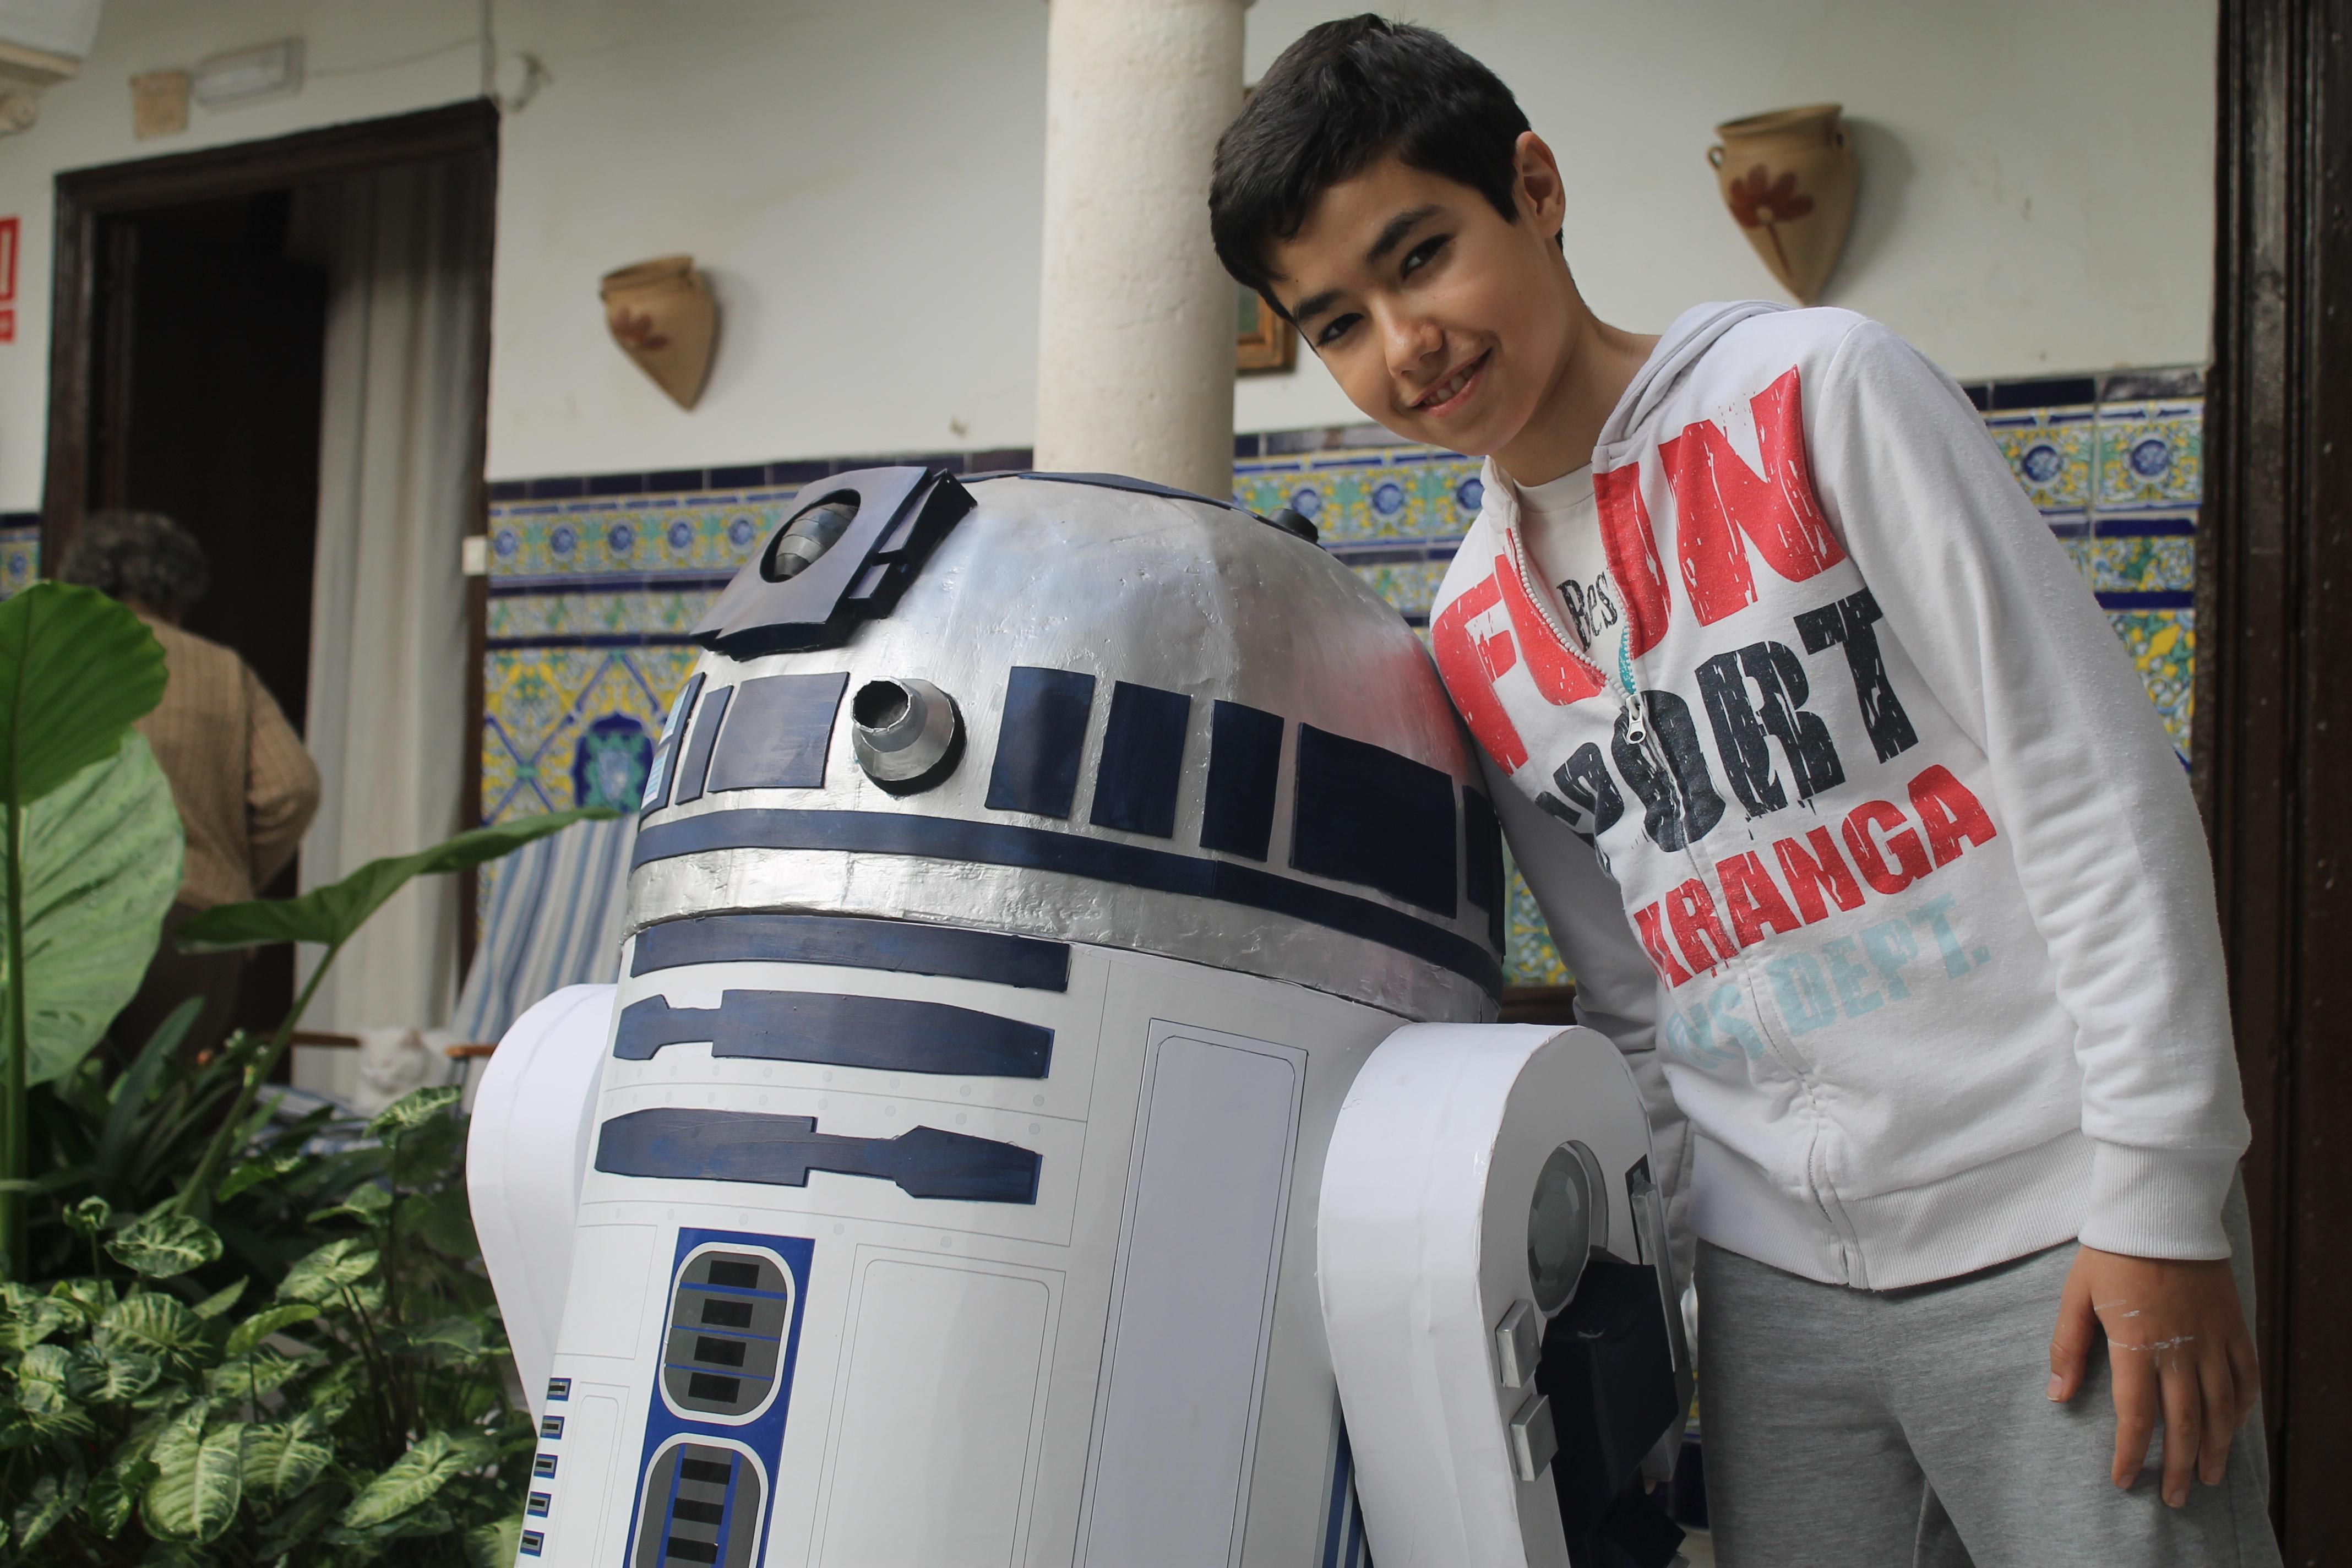 Un joven posa junto a un R2-D2 a tamaño natural, ubicado en un típico patio ecijano del centro de la ciudad. Foto: M. R.